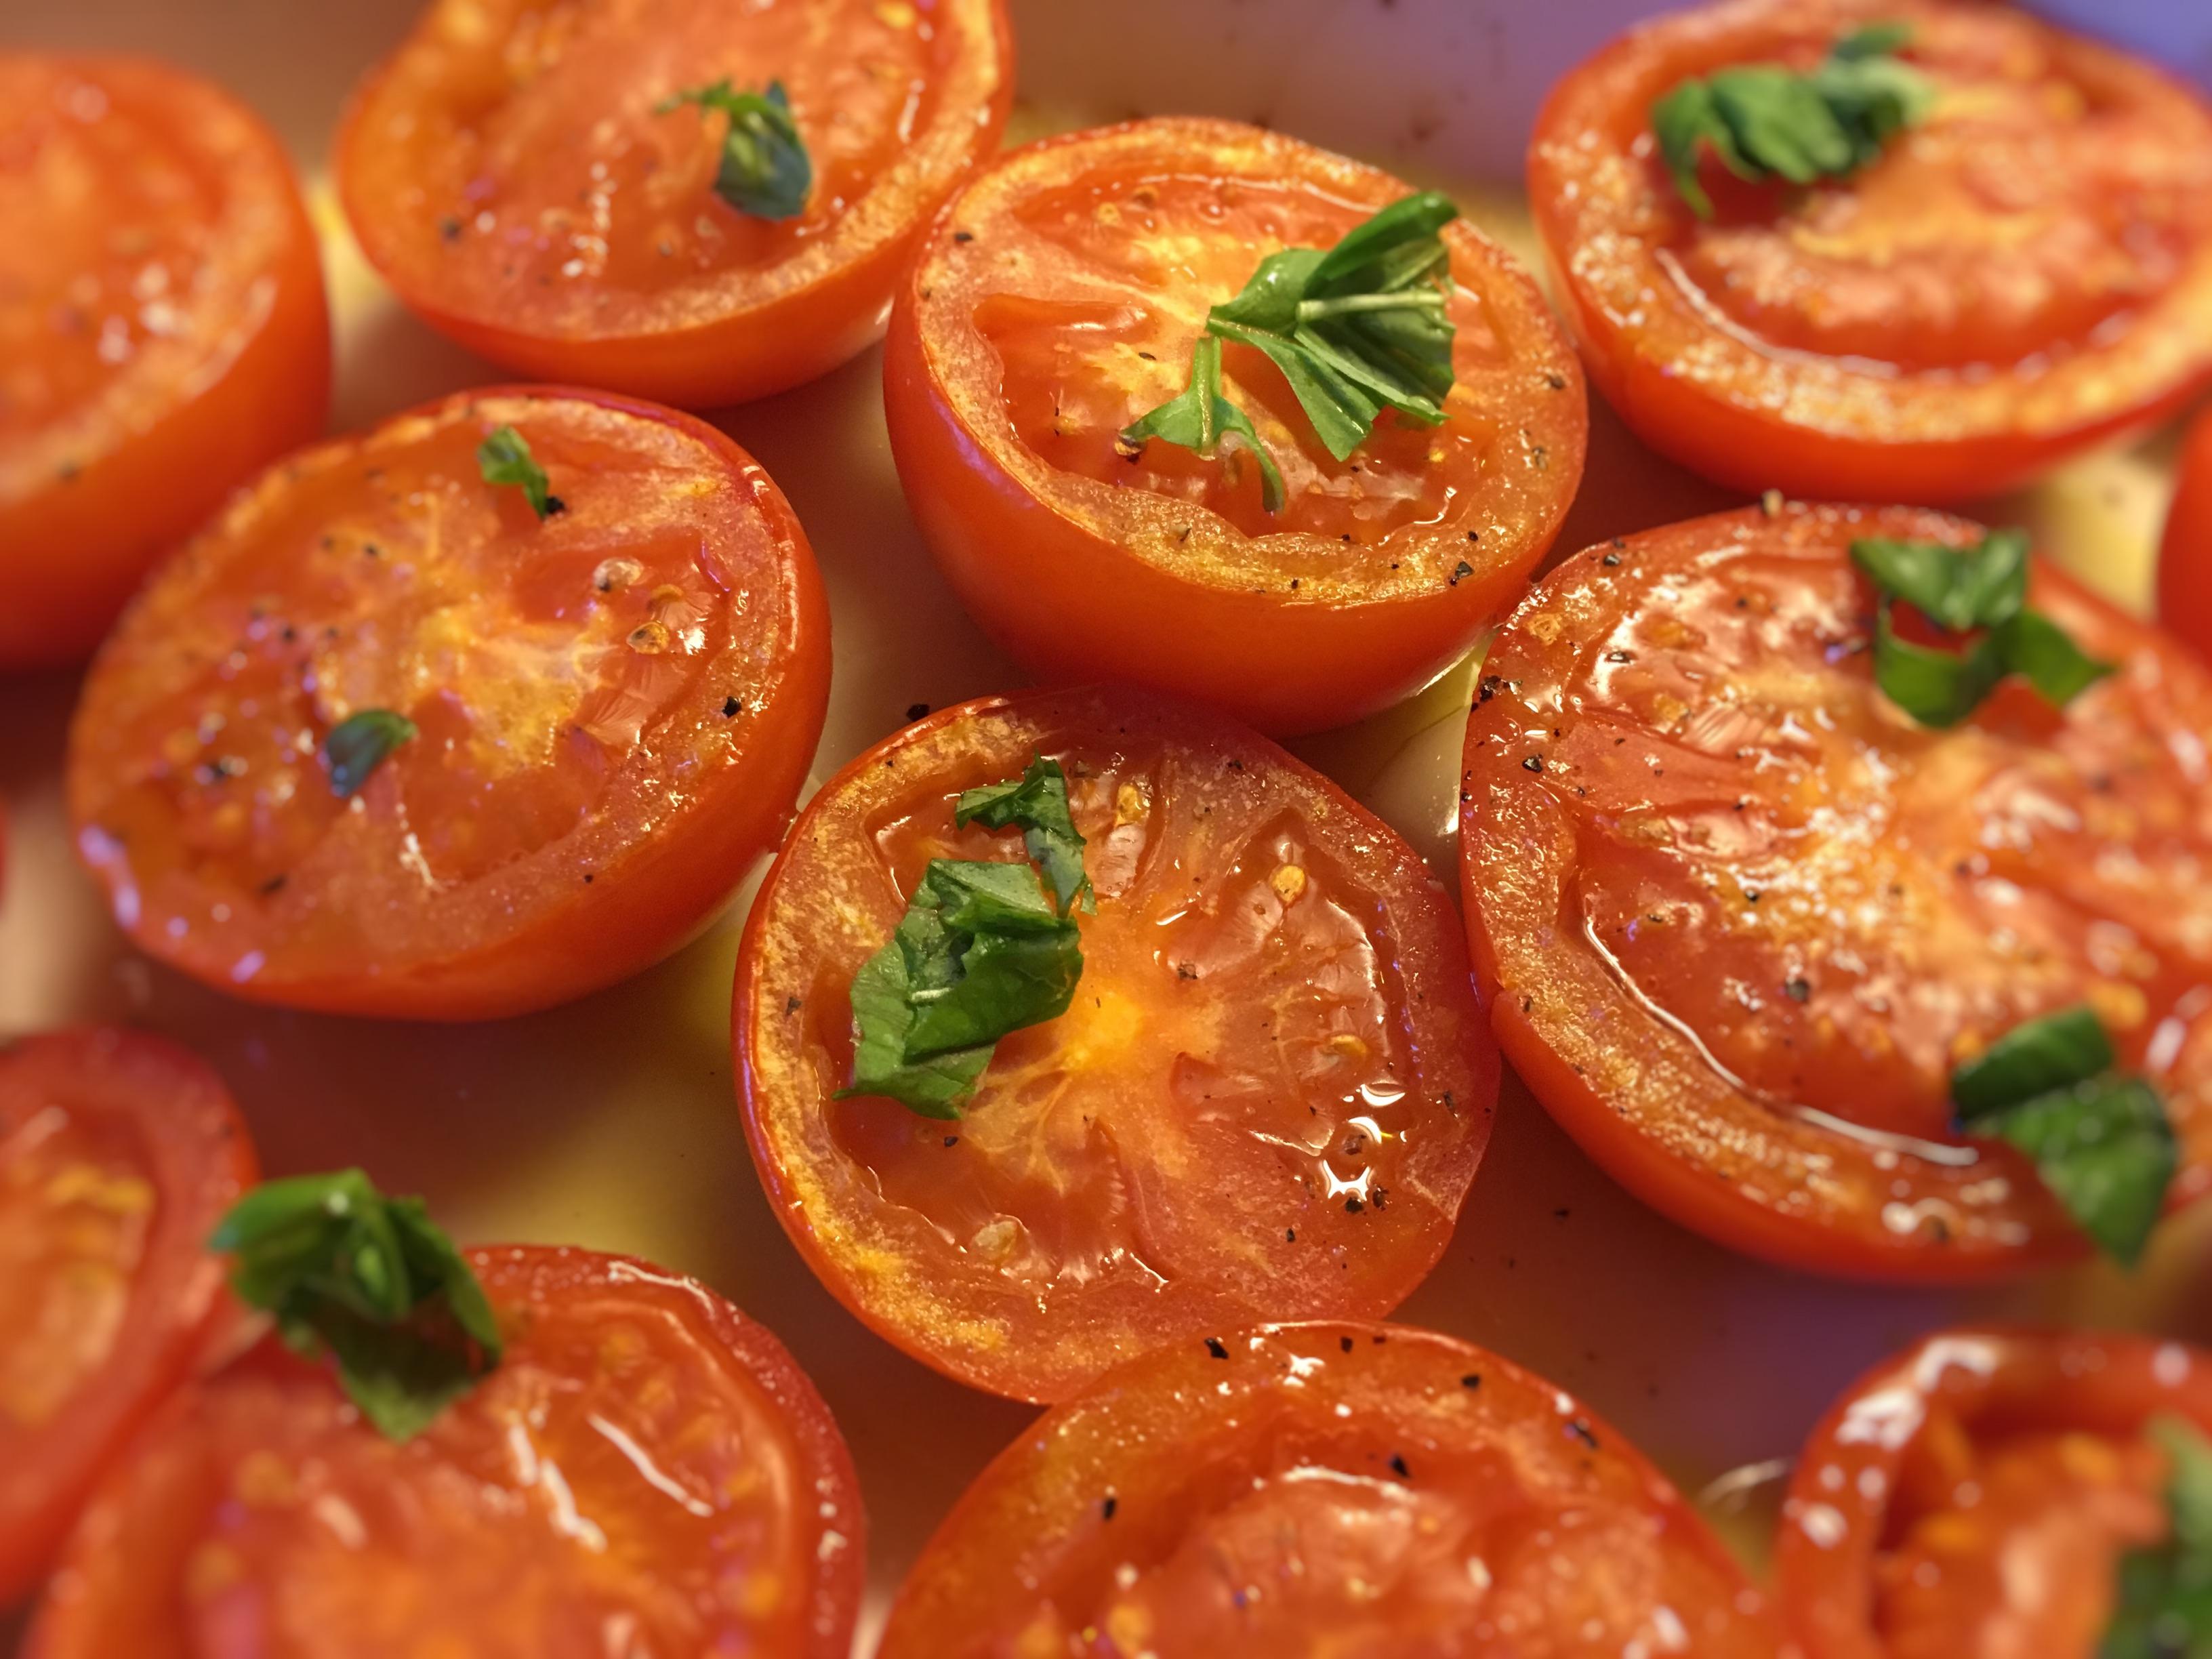 Tomater i ovn opskrift, SuperOtium, hjertesund, nemmere og sjovere, grøntsager, aftensmad tilbehør